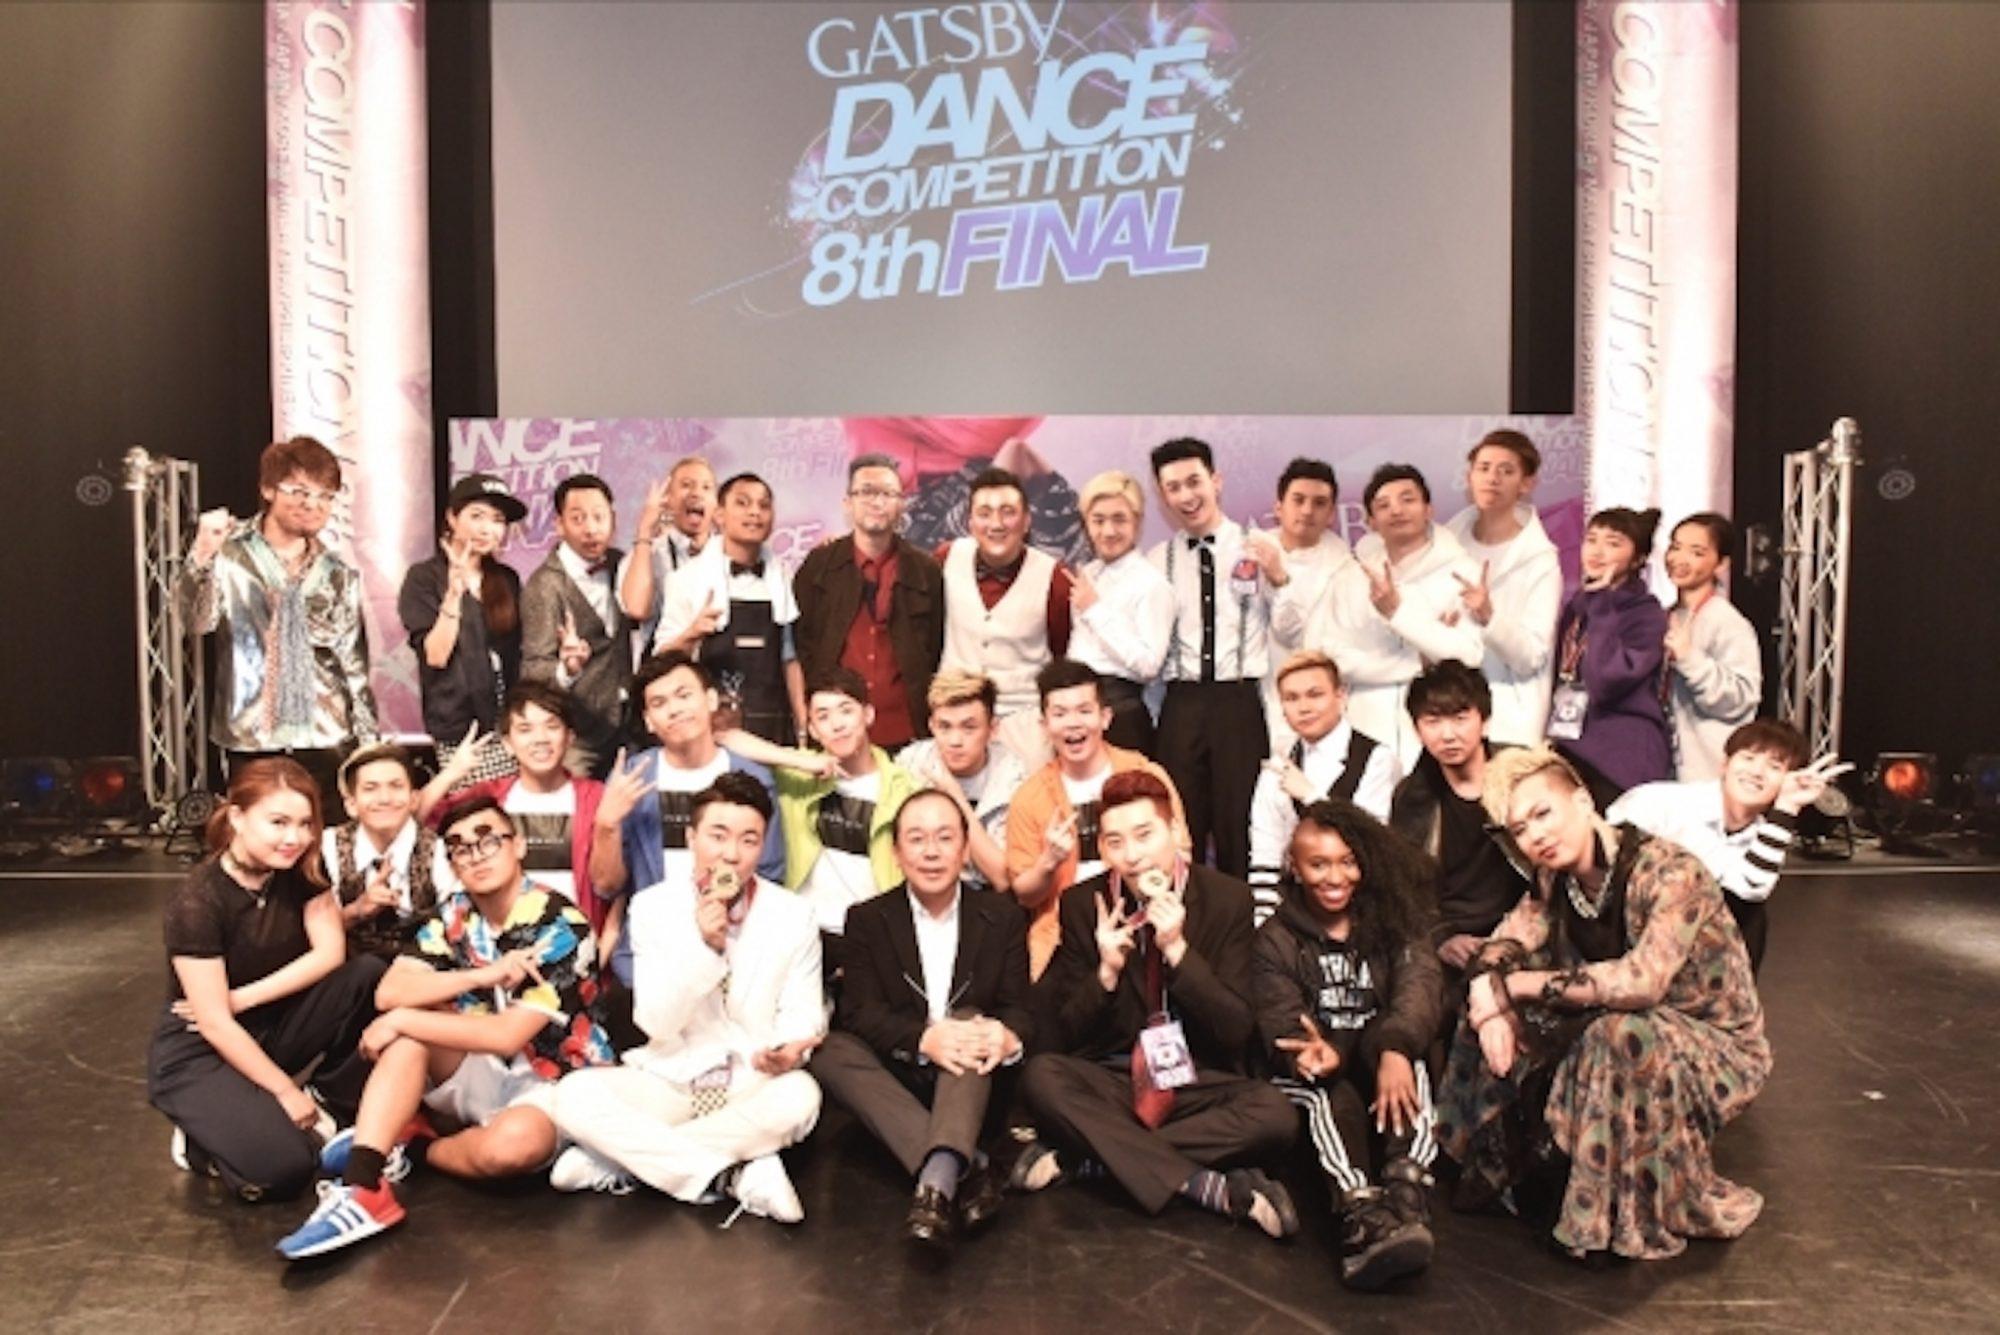 アジアNo.1ダンサーが決定!優勝は2連覇の韓国代表「JAY&BEE」!GATSBY DANCE COMPETITION 8th GRAND FINAL 結果!